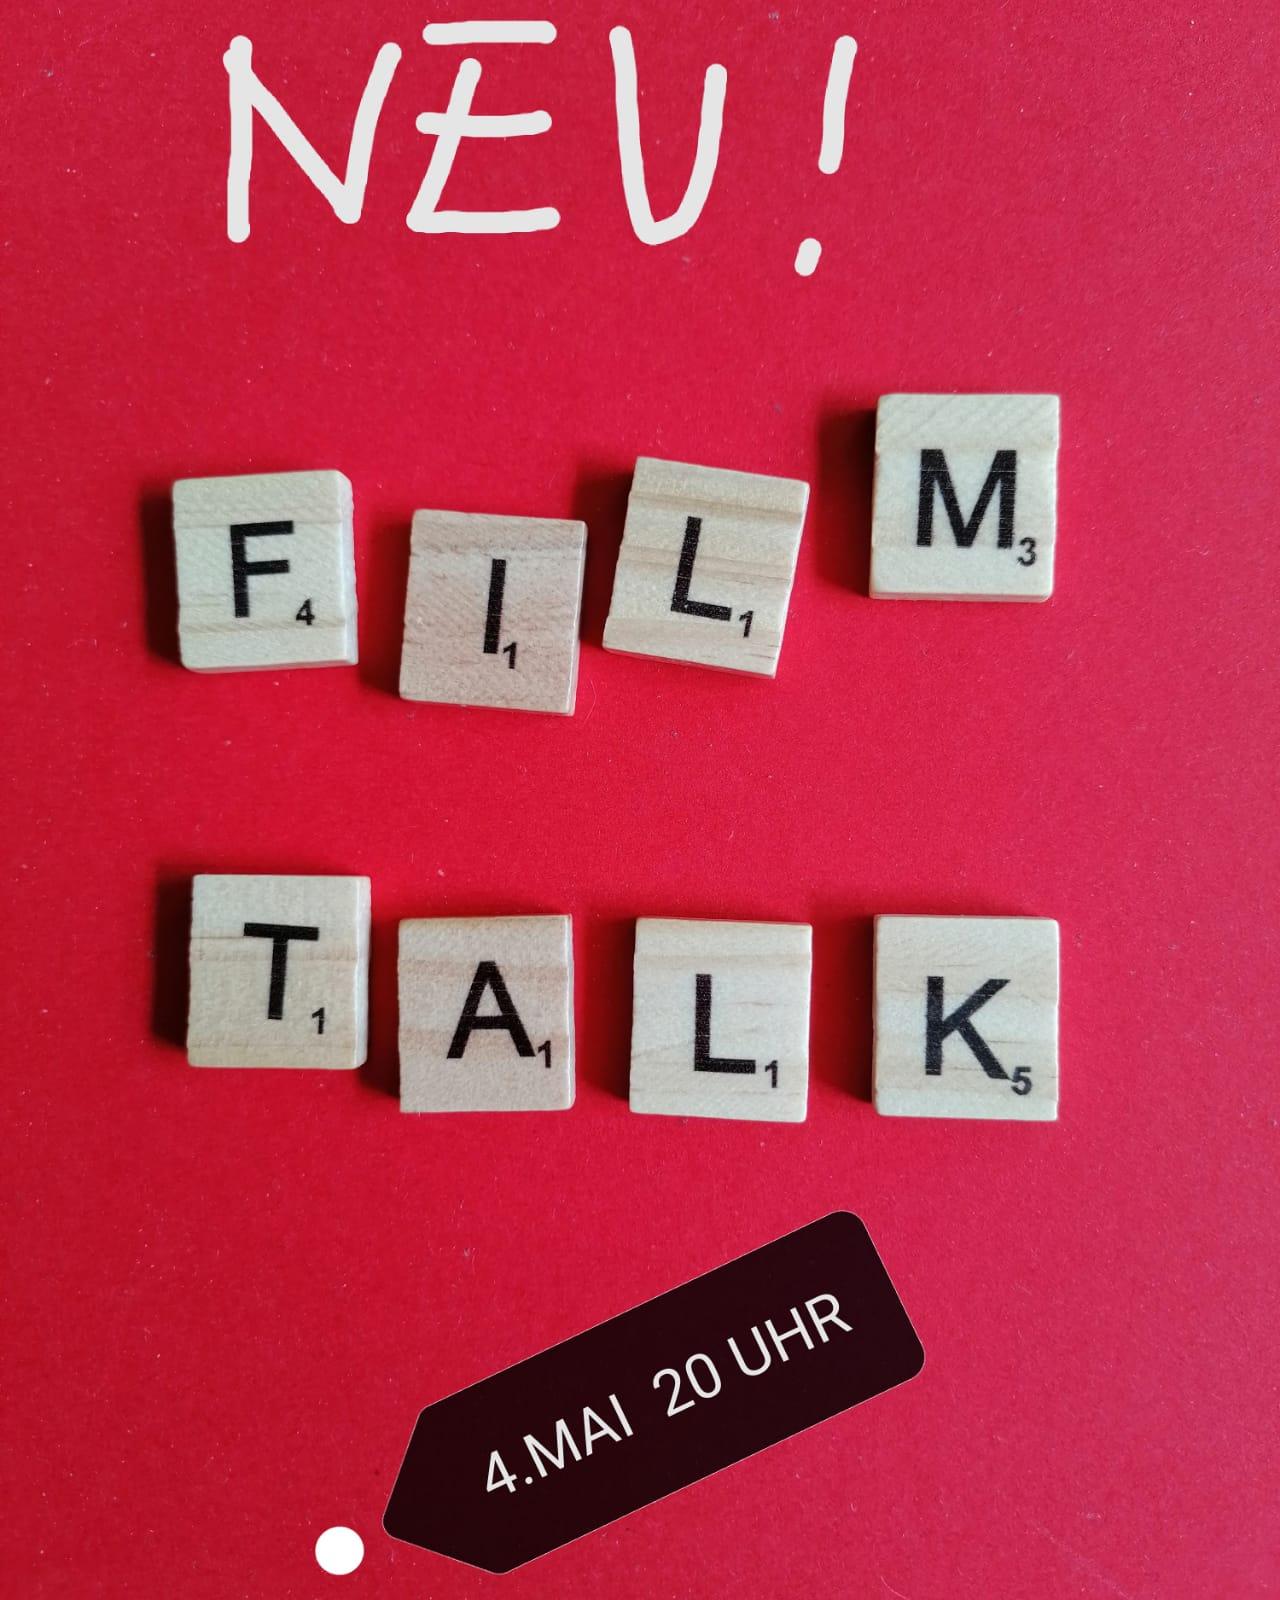 NEU!  FILM TALK 4. Mai 20 Uhr